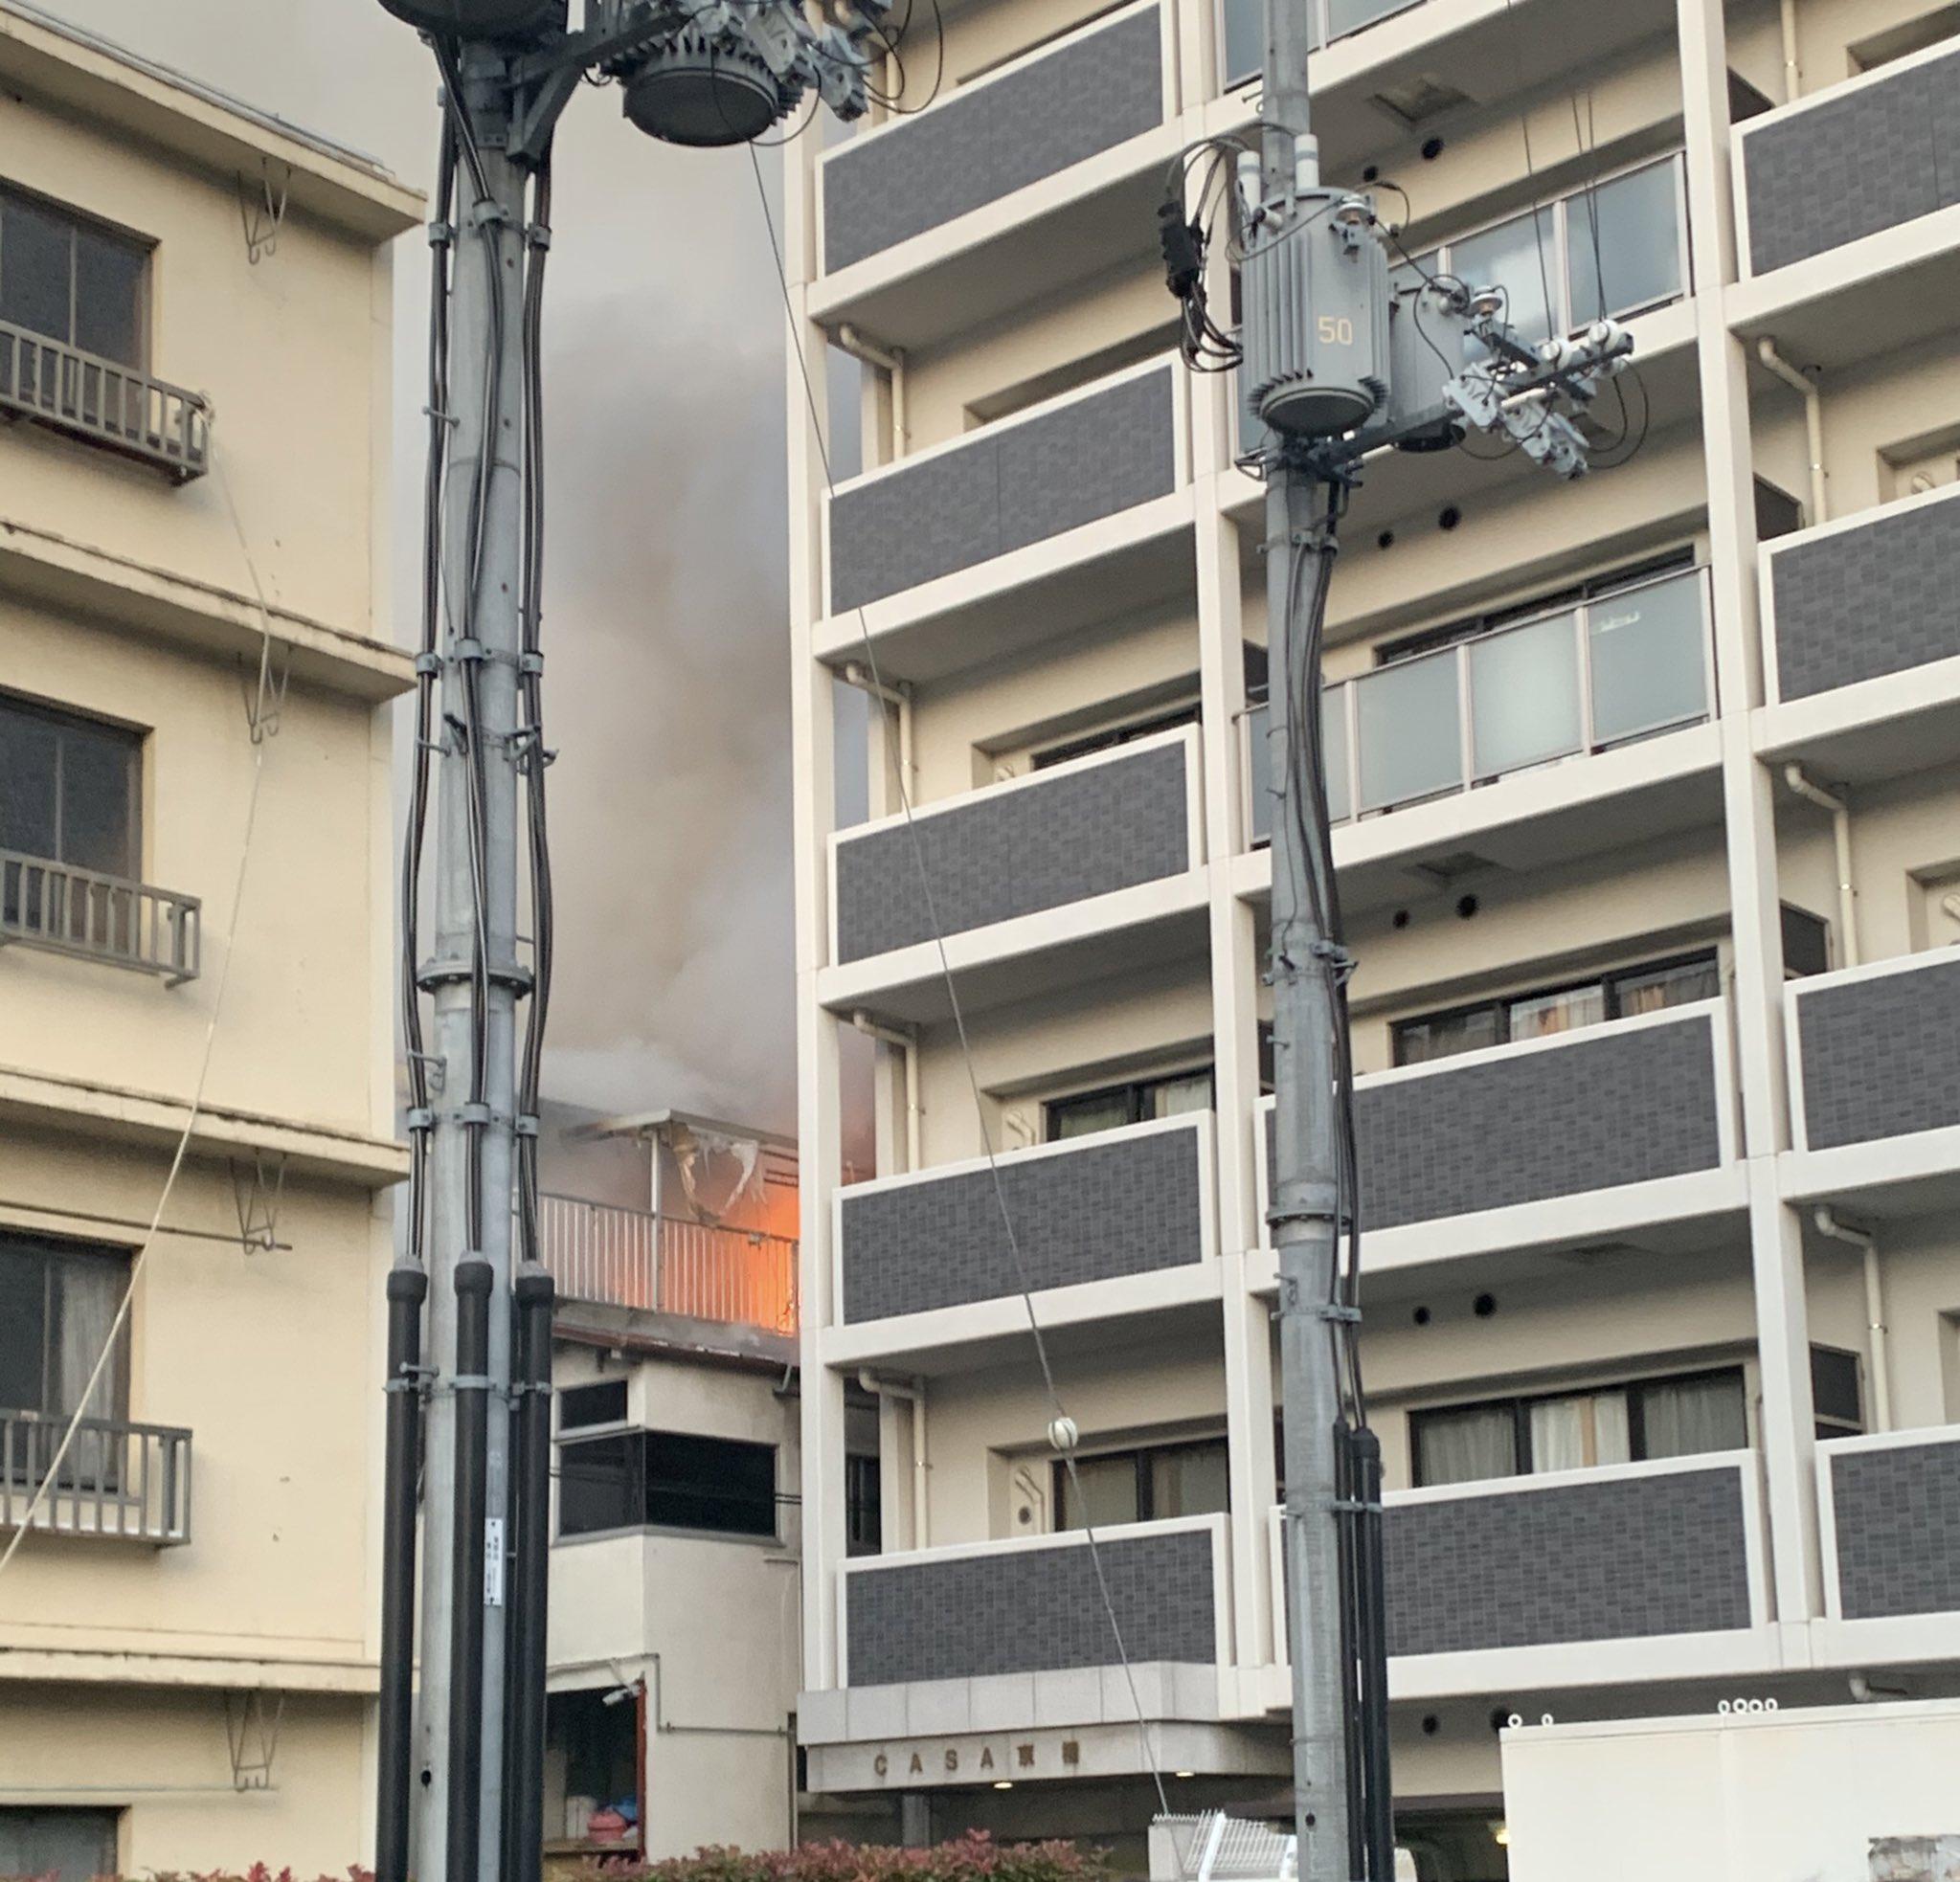 画像,京橋の商店街裏で火事や…商店街内は煙が充満してるから避ける方がいいかも https://t.co/qFeiqXswNJ。